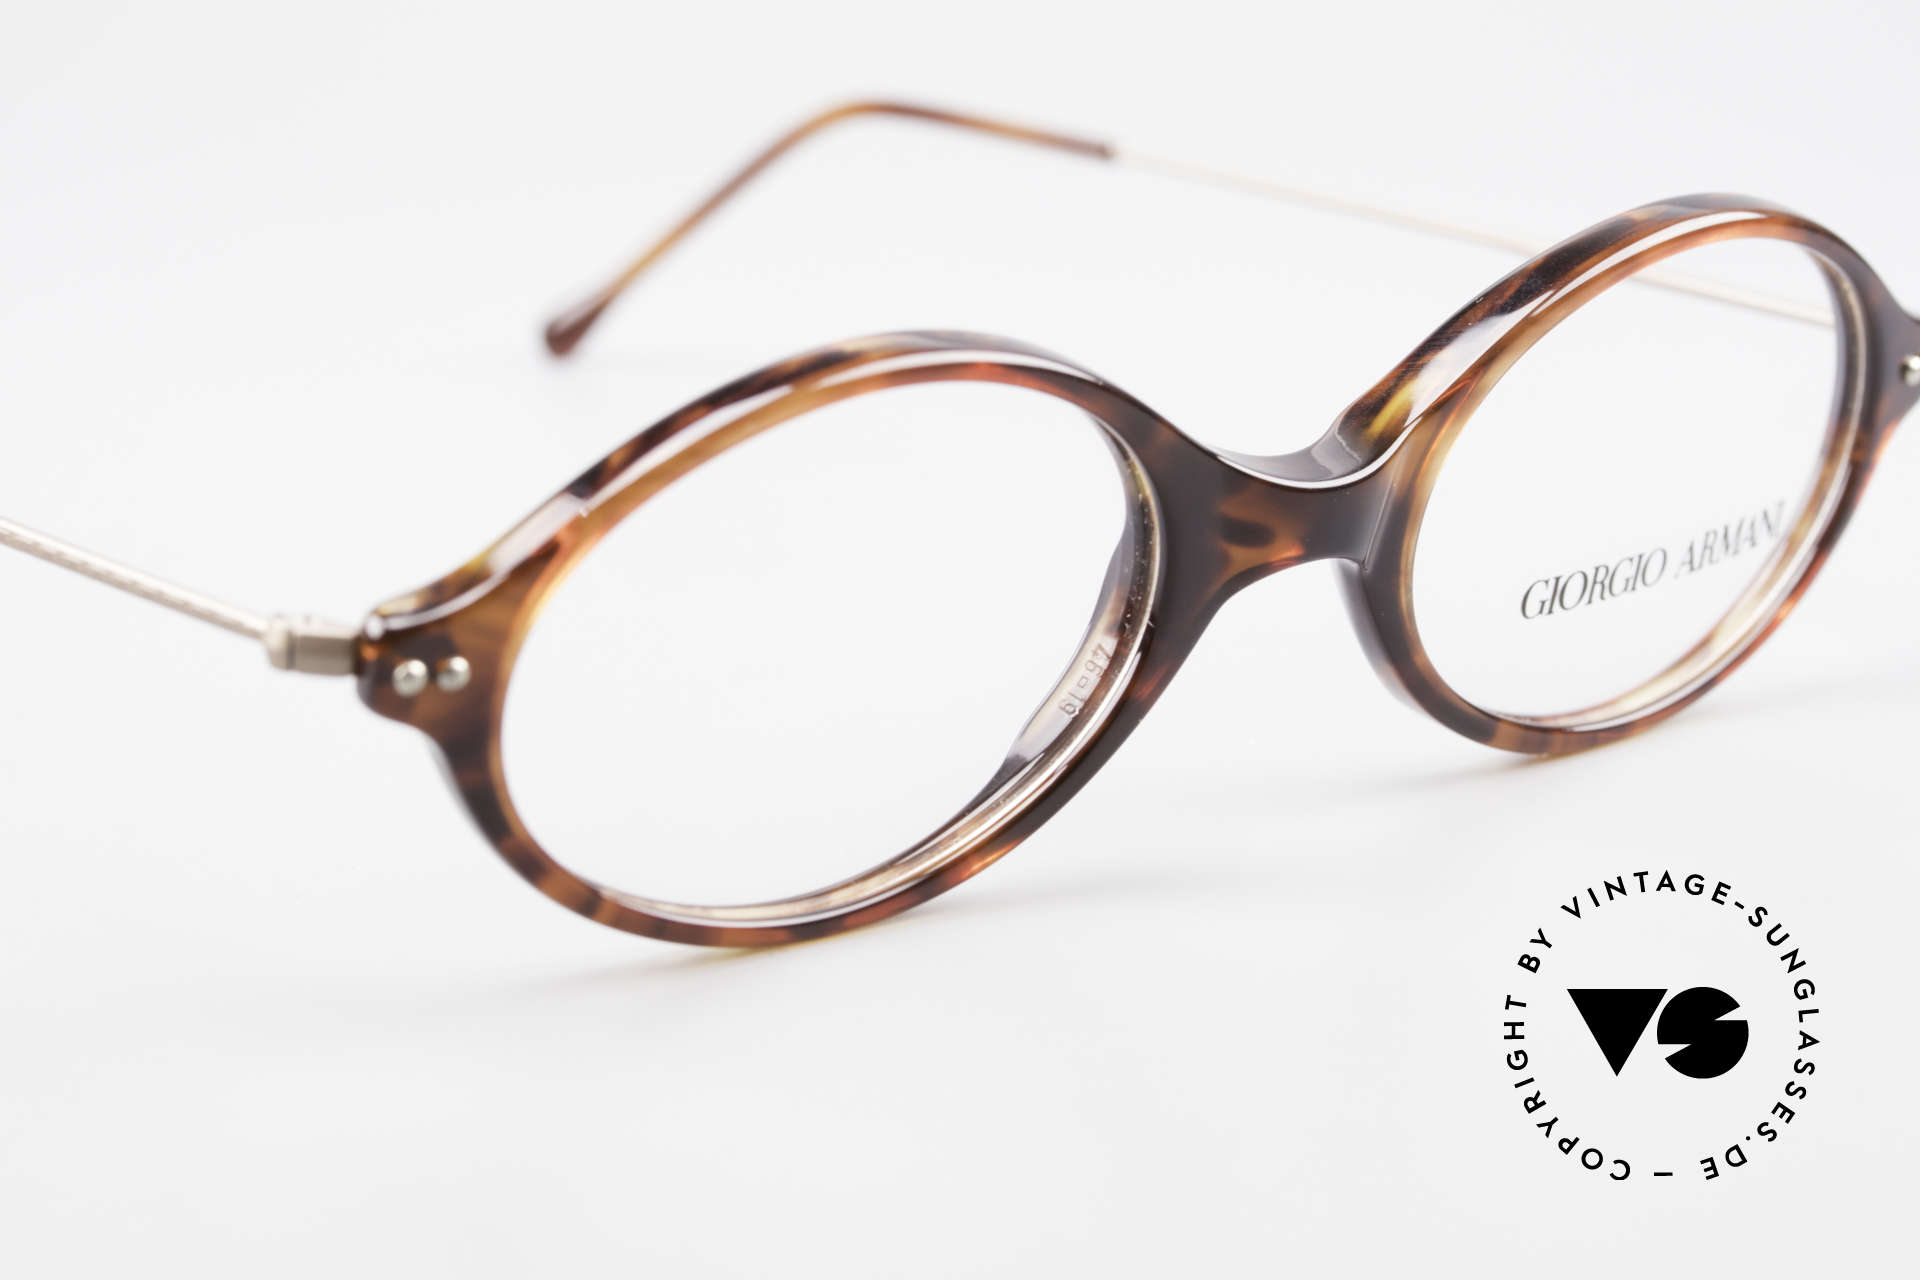 Giorgio Armani 378 90er Unisex Brille Oval, ein ungetragenes G. Armani Original aus den 90ern, Passend für Herren und Damen